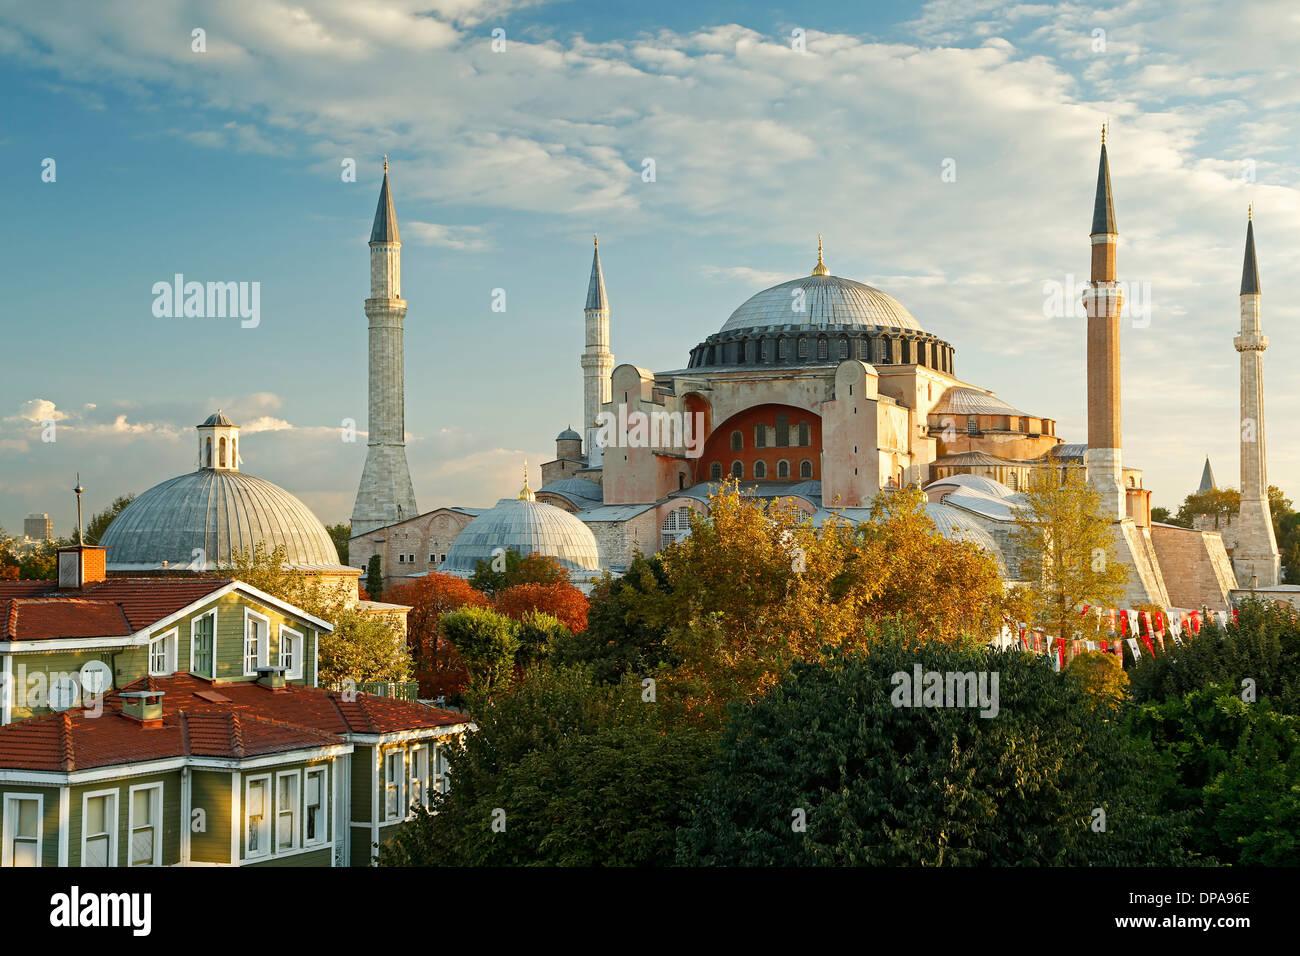 Hagia Sophia, Istanbul, Turchia Immagini Stock